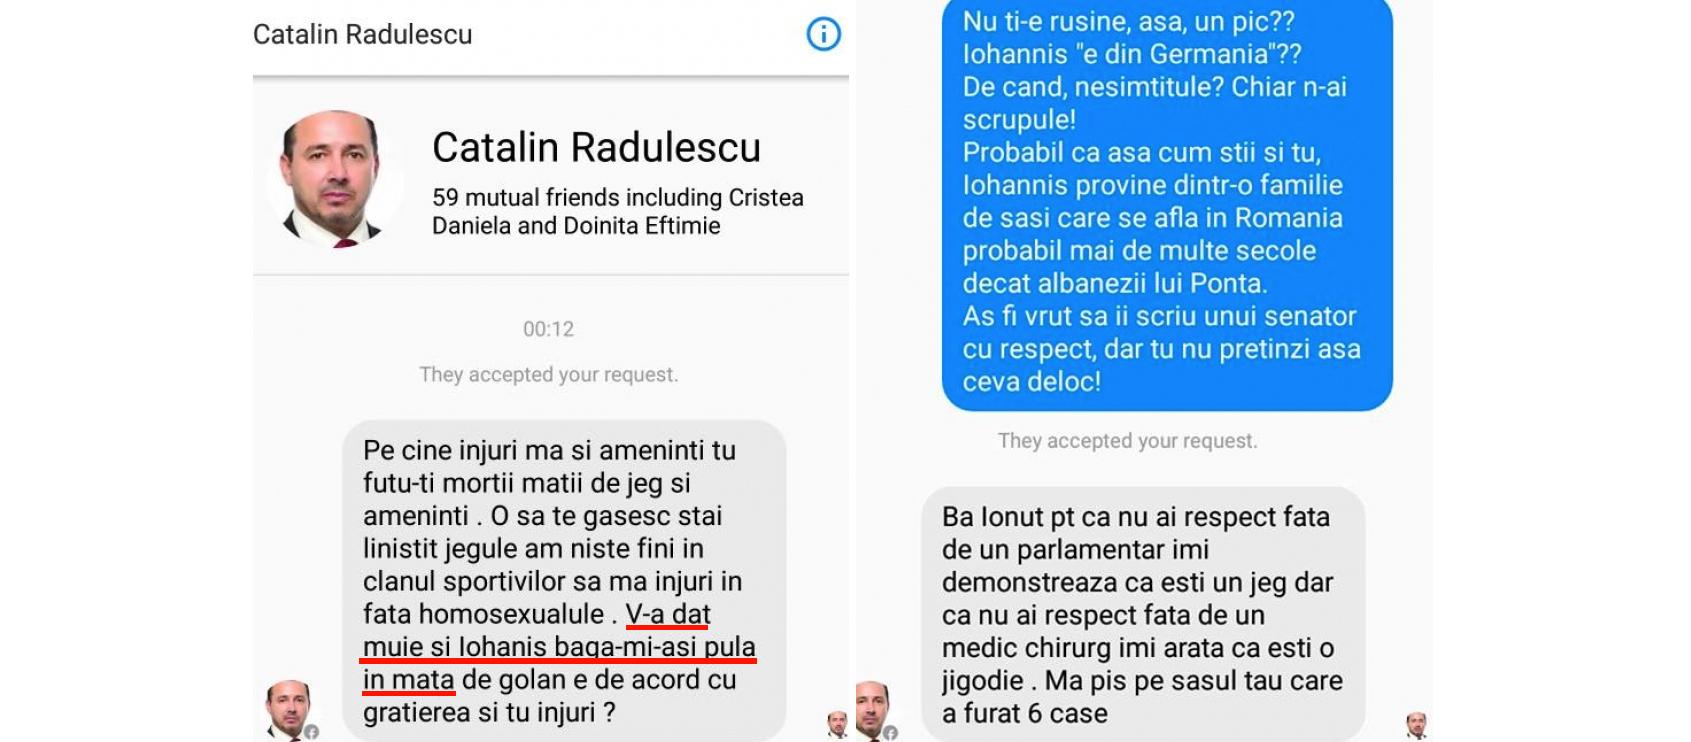 Cătălin Rădulescu, parlamentar, PSD-ist, agramat: dacă (încă) nu poate să vămitralieze, măcar să văînjure!